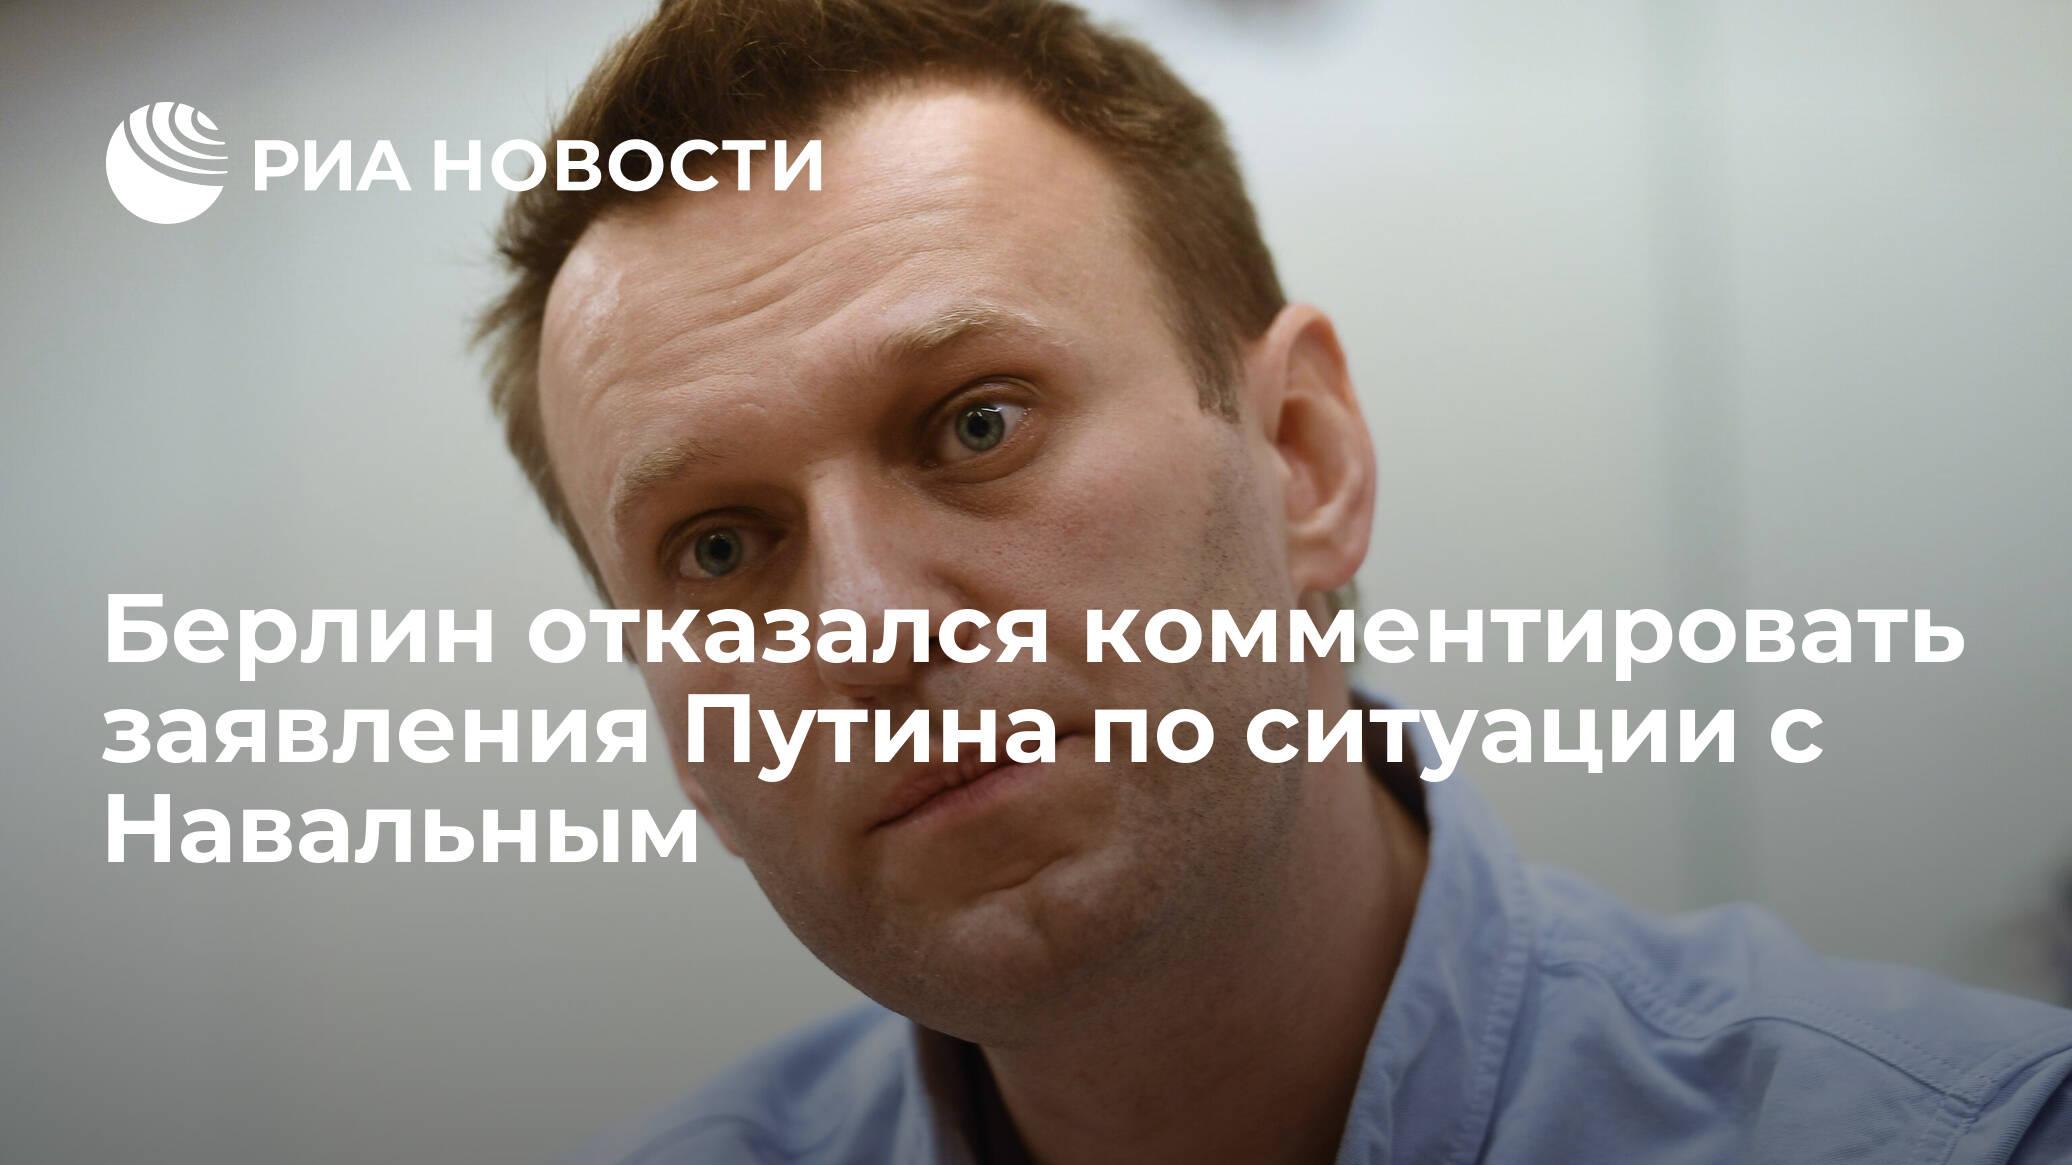 Берлин отказался комментировать заявления Путина по ситуации с Навальным - РИА НОВОСТИ